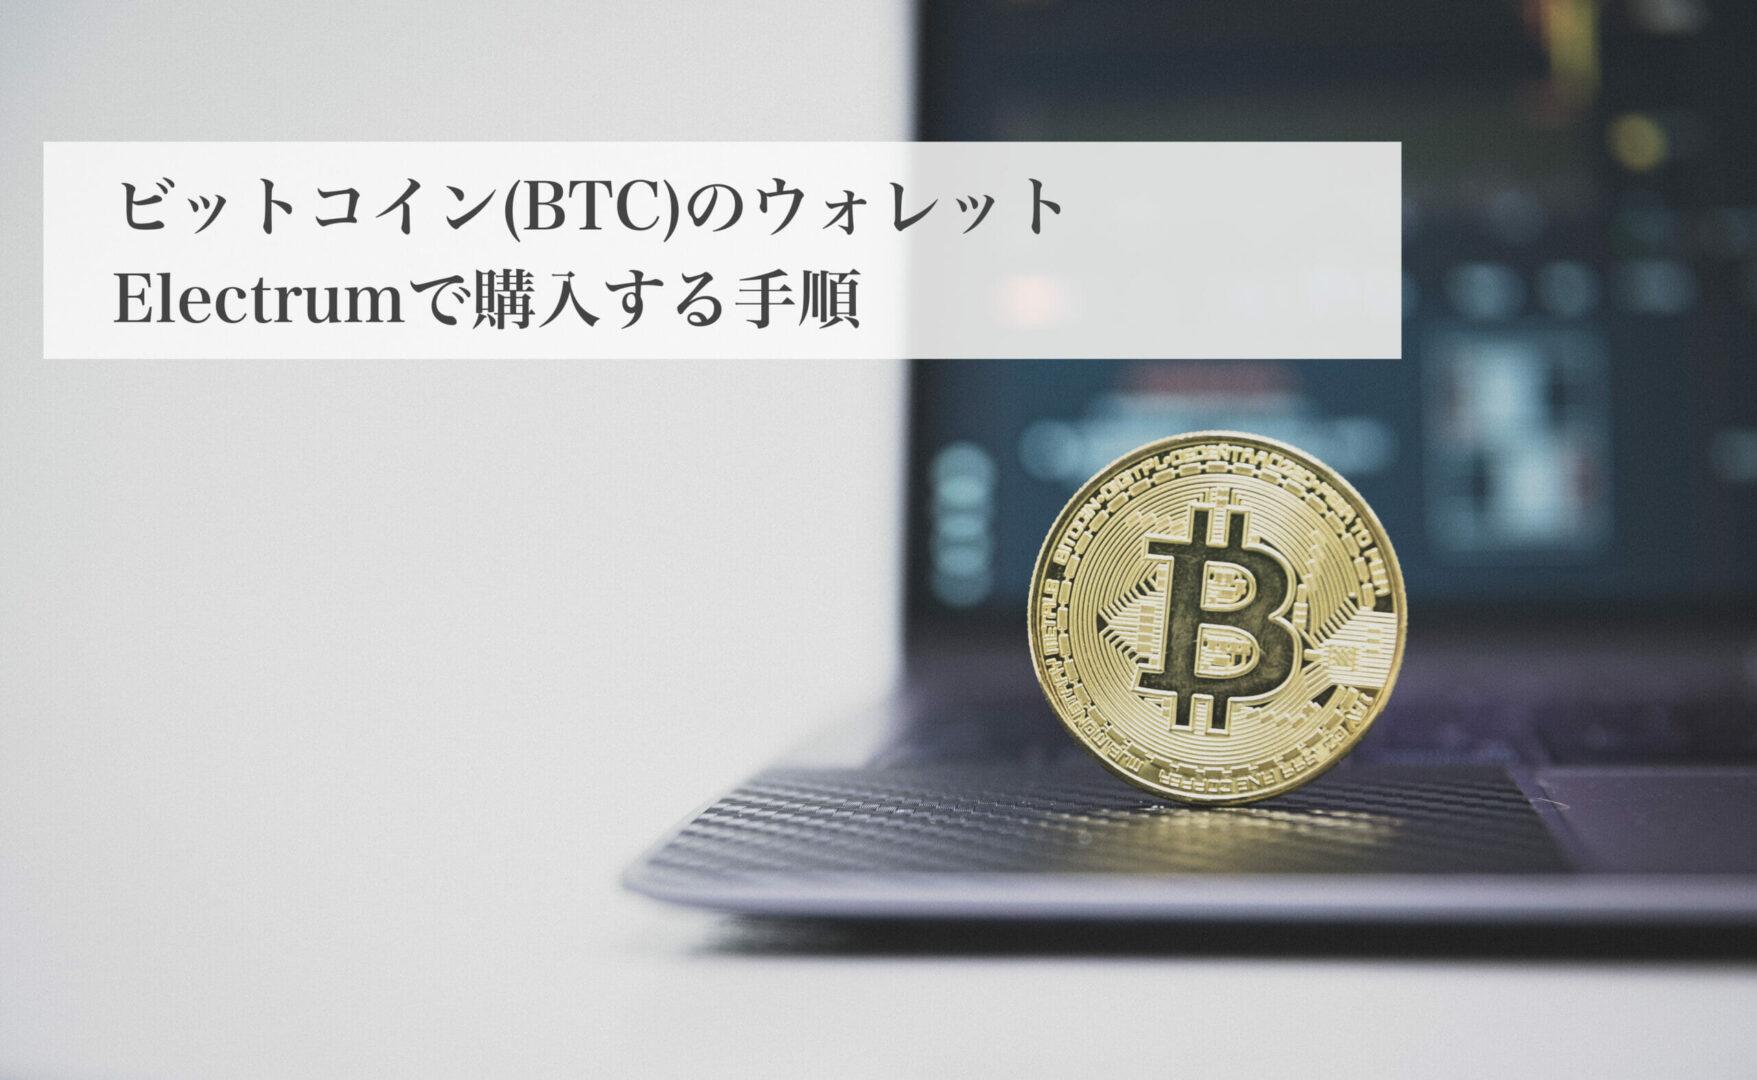 ビットコイン(BTC)のウォレットElectrumで購入する手順